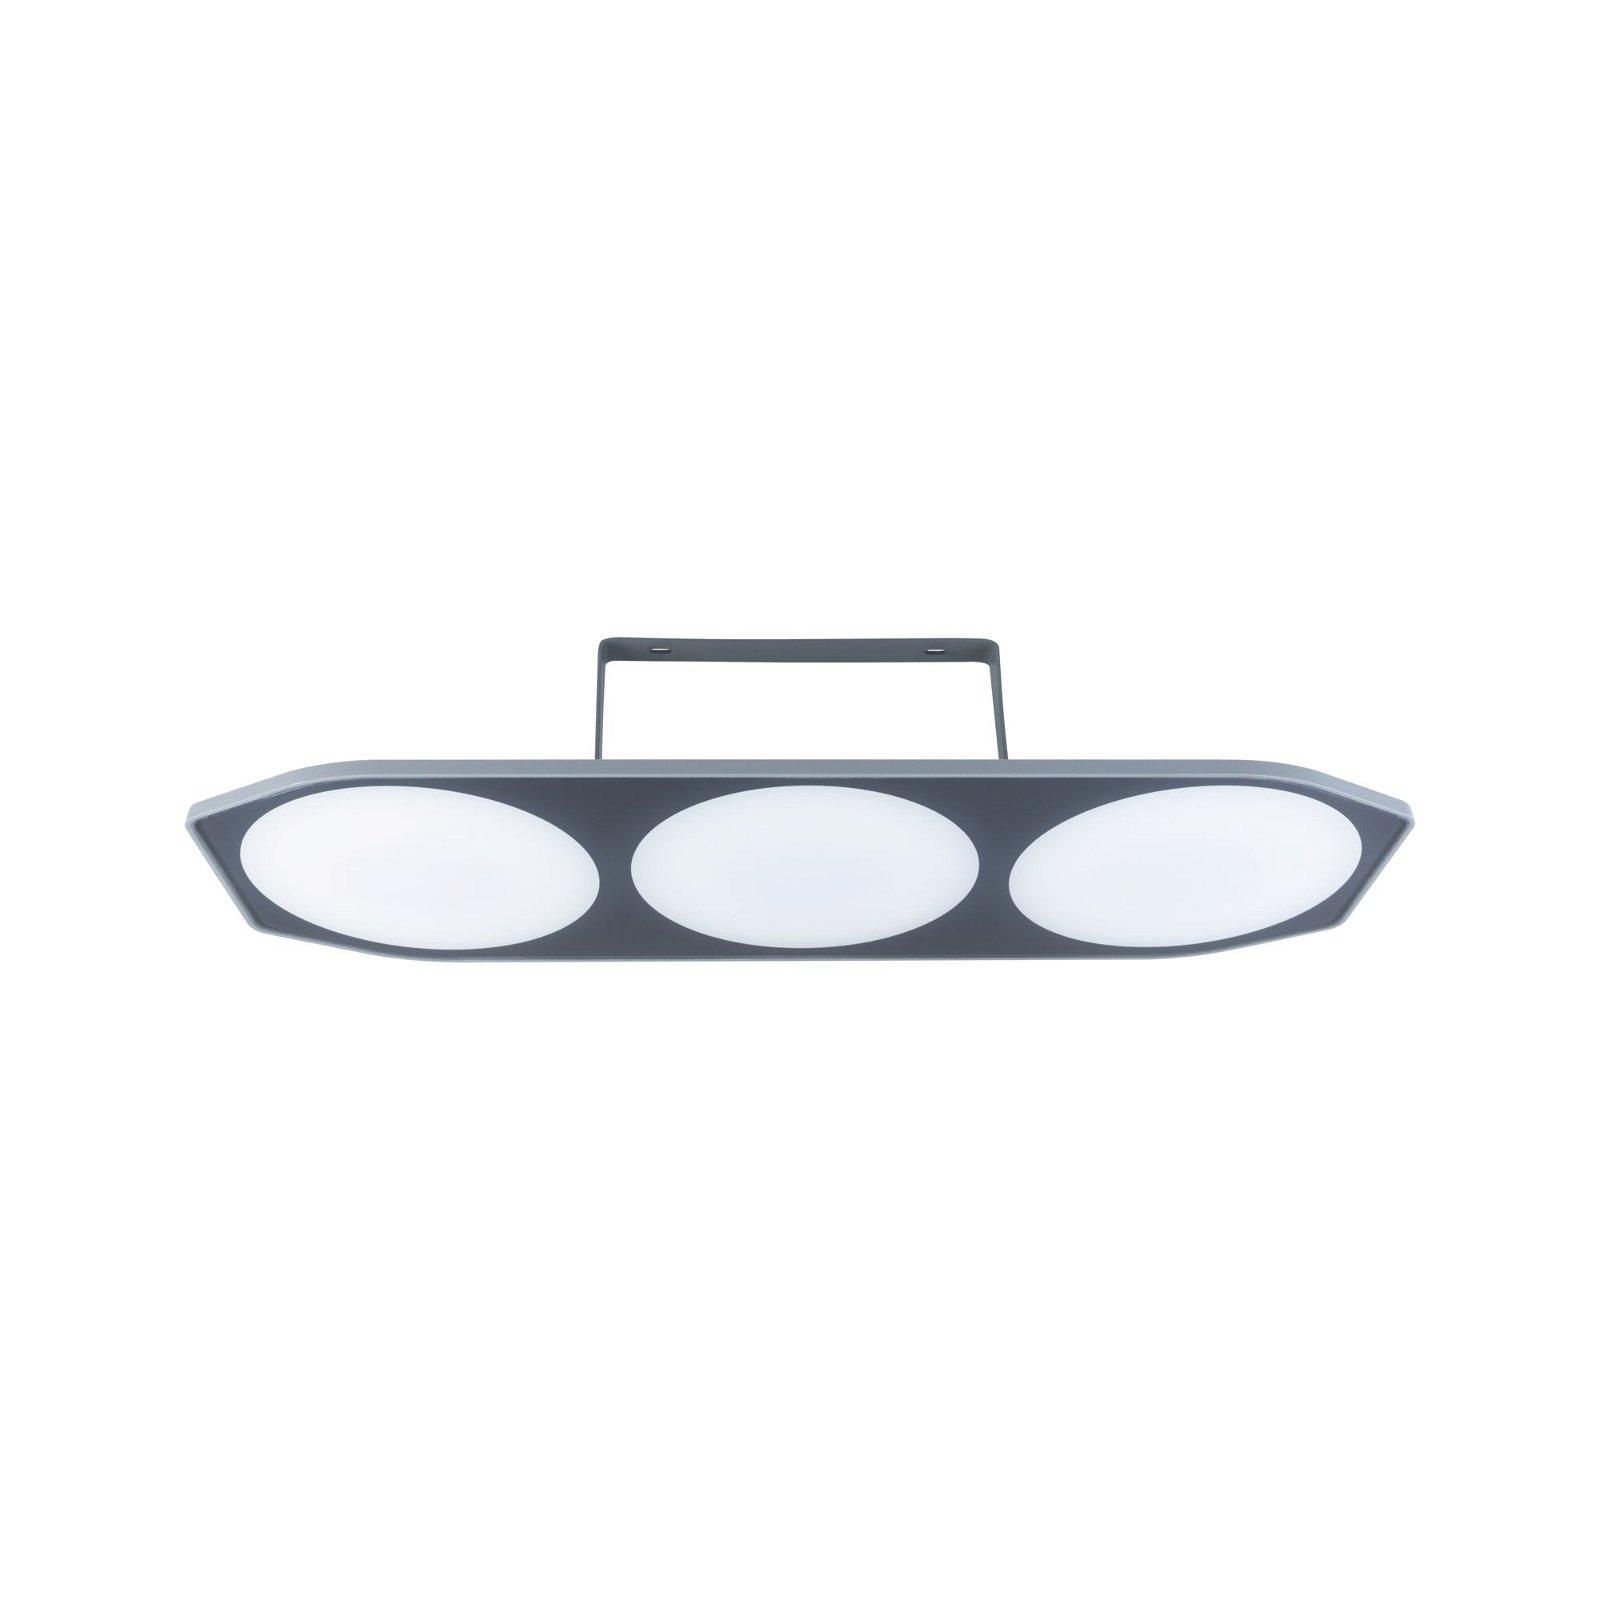 Park + Light LED-wandarmatuur voor buiten Carport IP44 501x111mm 3000K 3x2W 3x180lm 12V Antraciet Kunststof